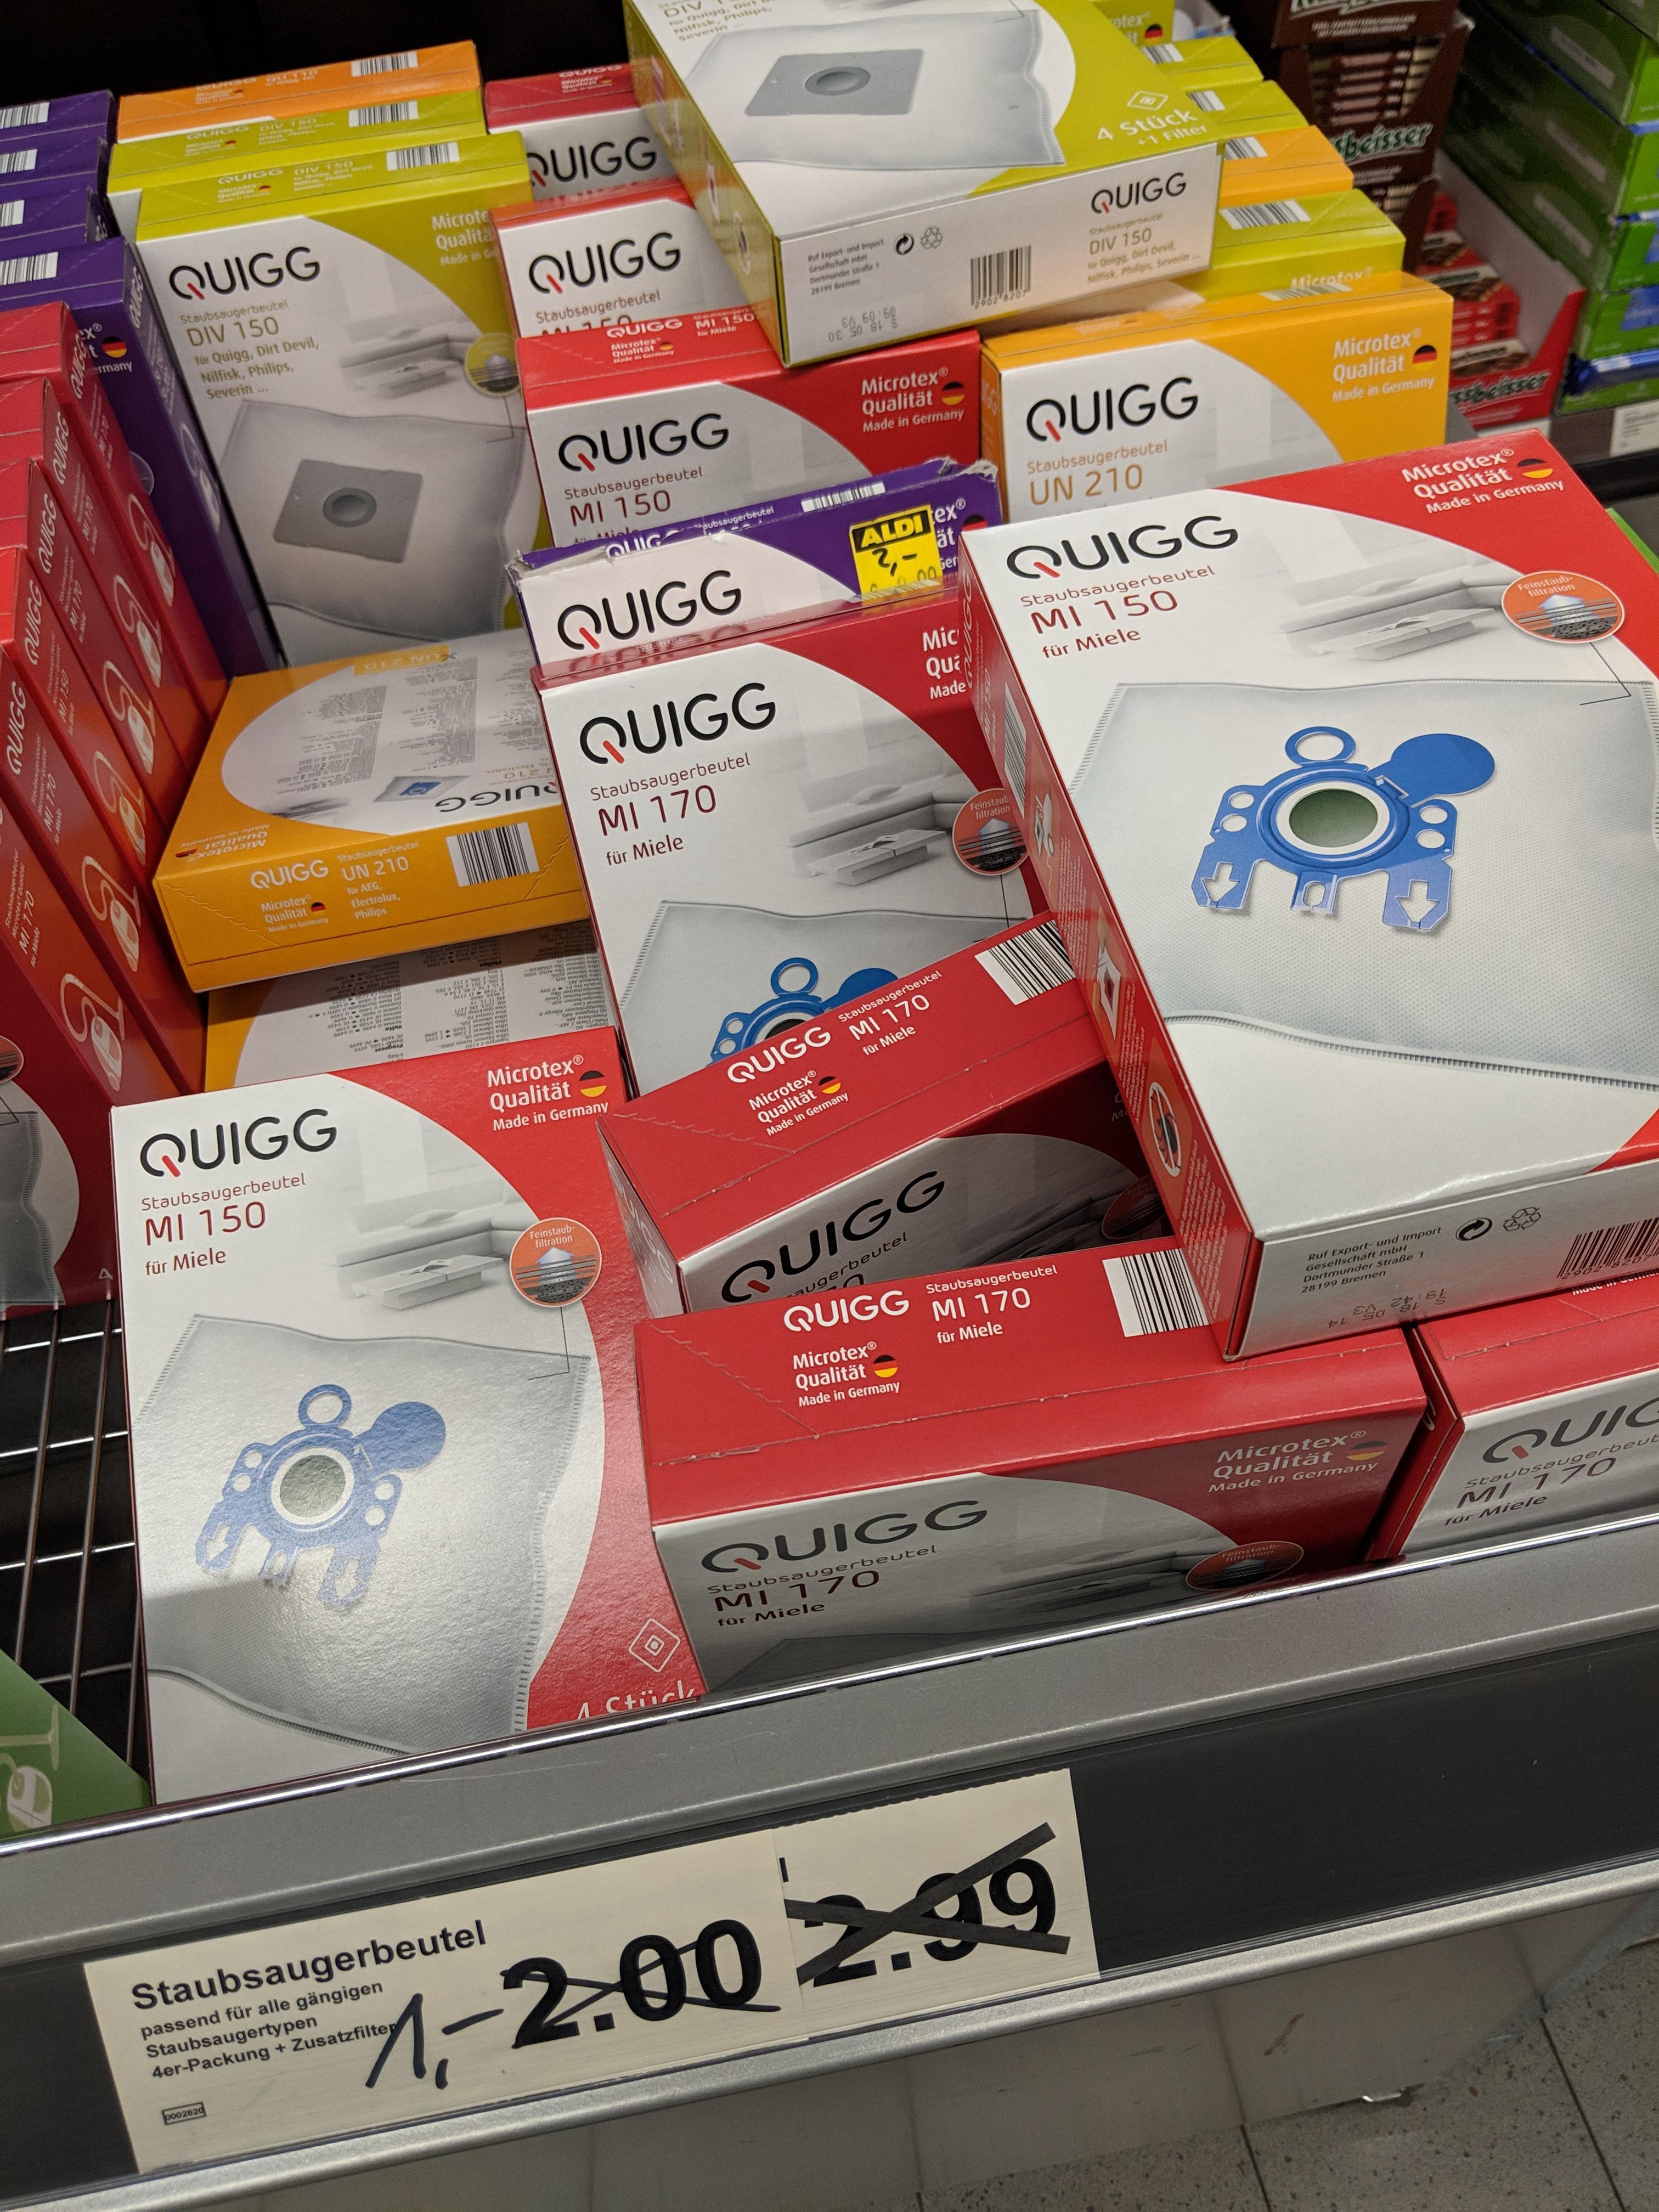 Staubsaugerbeutel Quigg, diverse Hersteller nur 1 EUR [Lokal?]